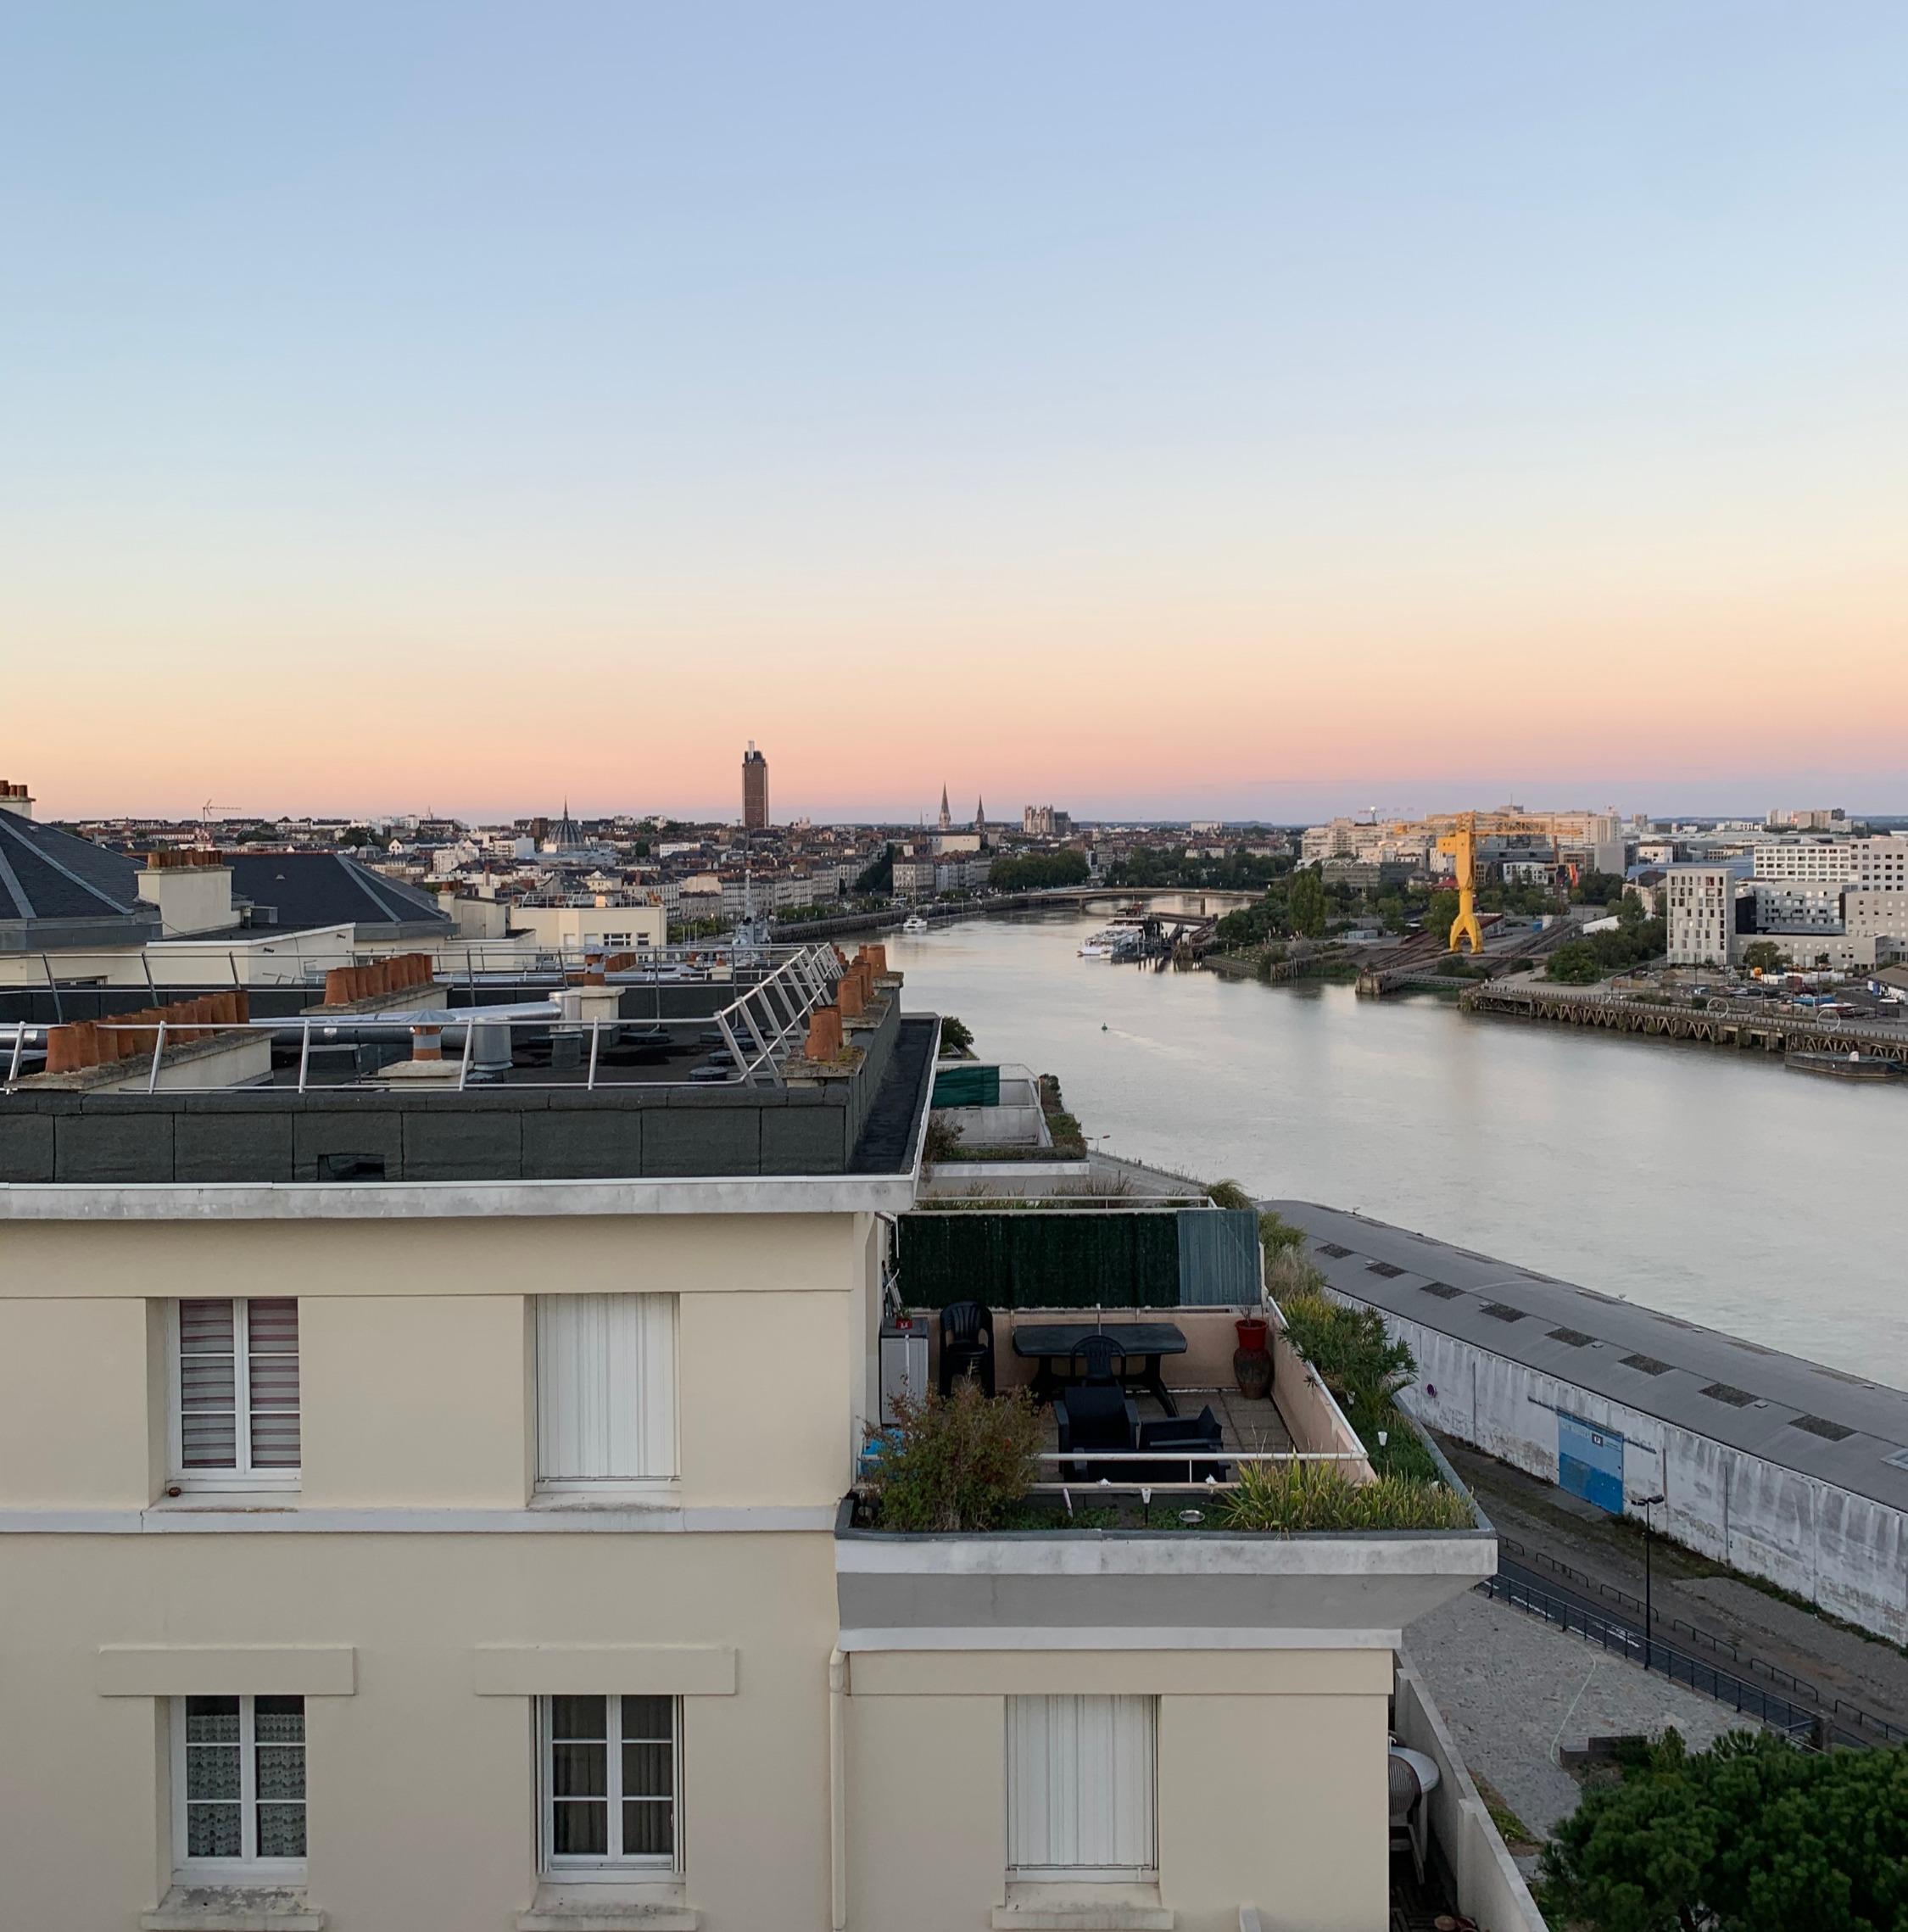 Résidence Villes-Ports_lancement 01/09/20_©MAPDL_11